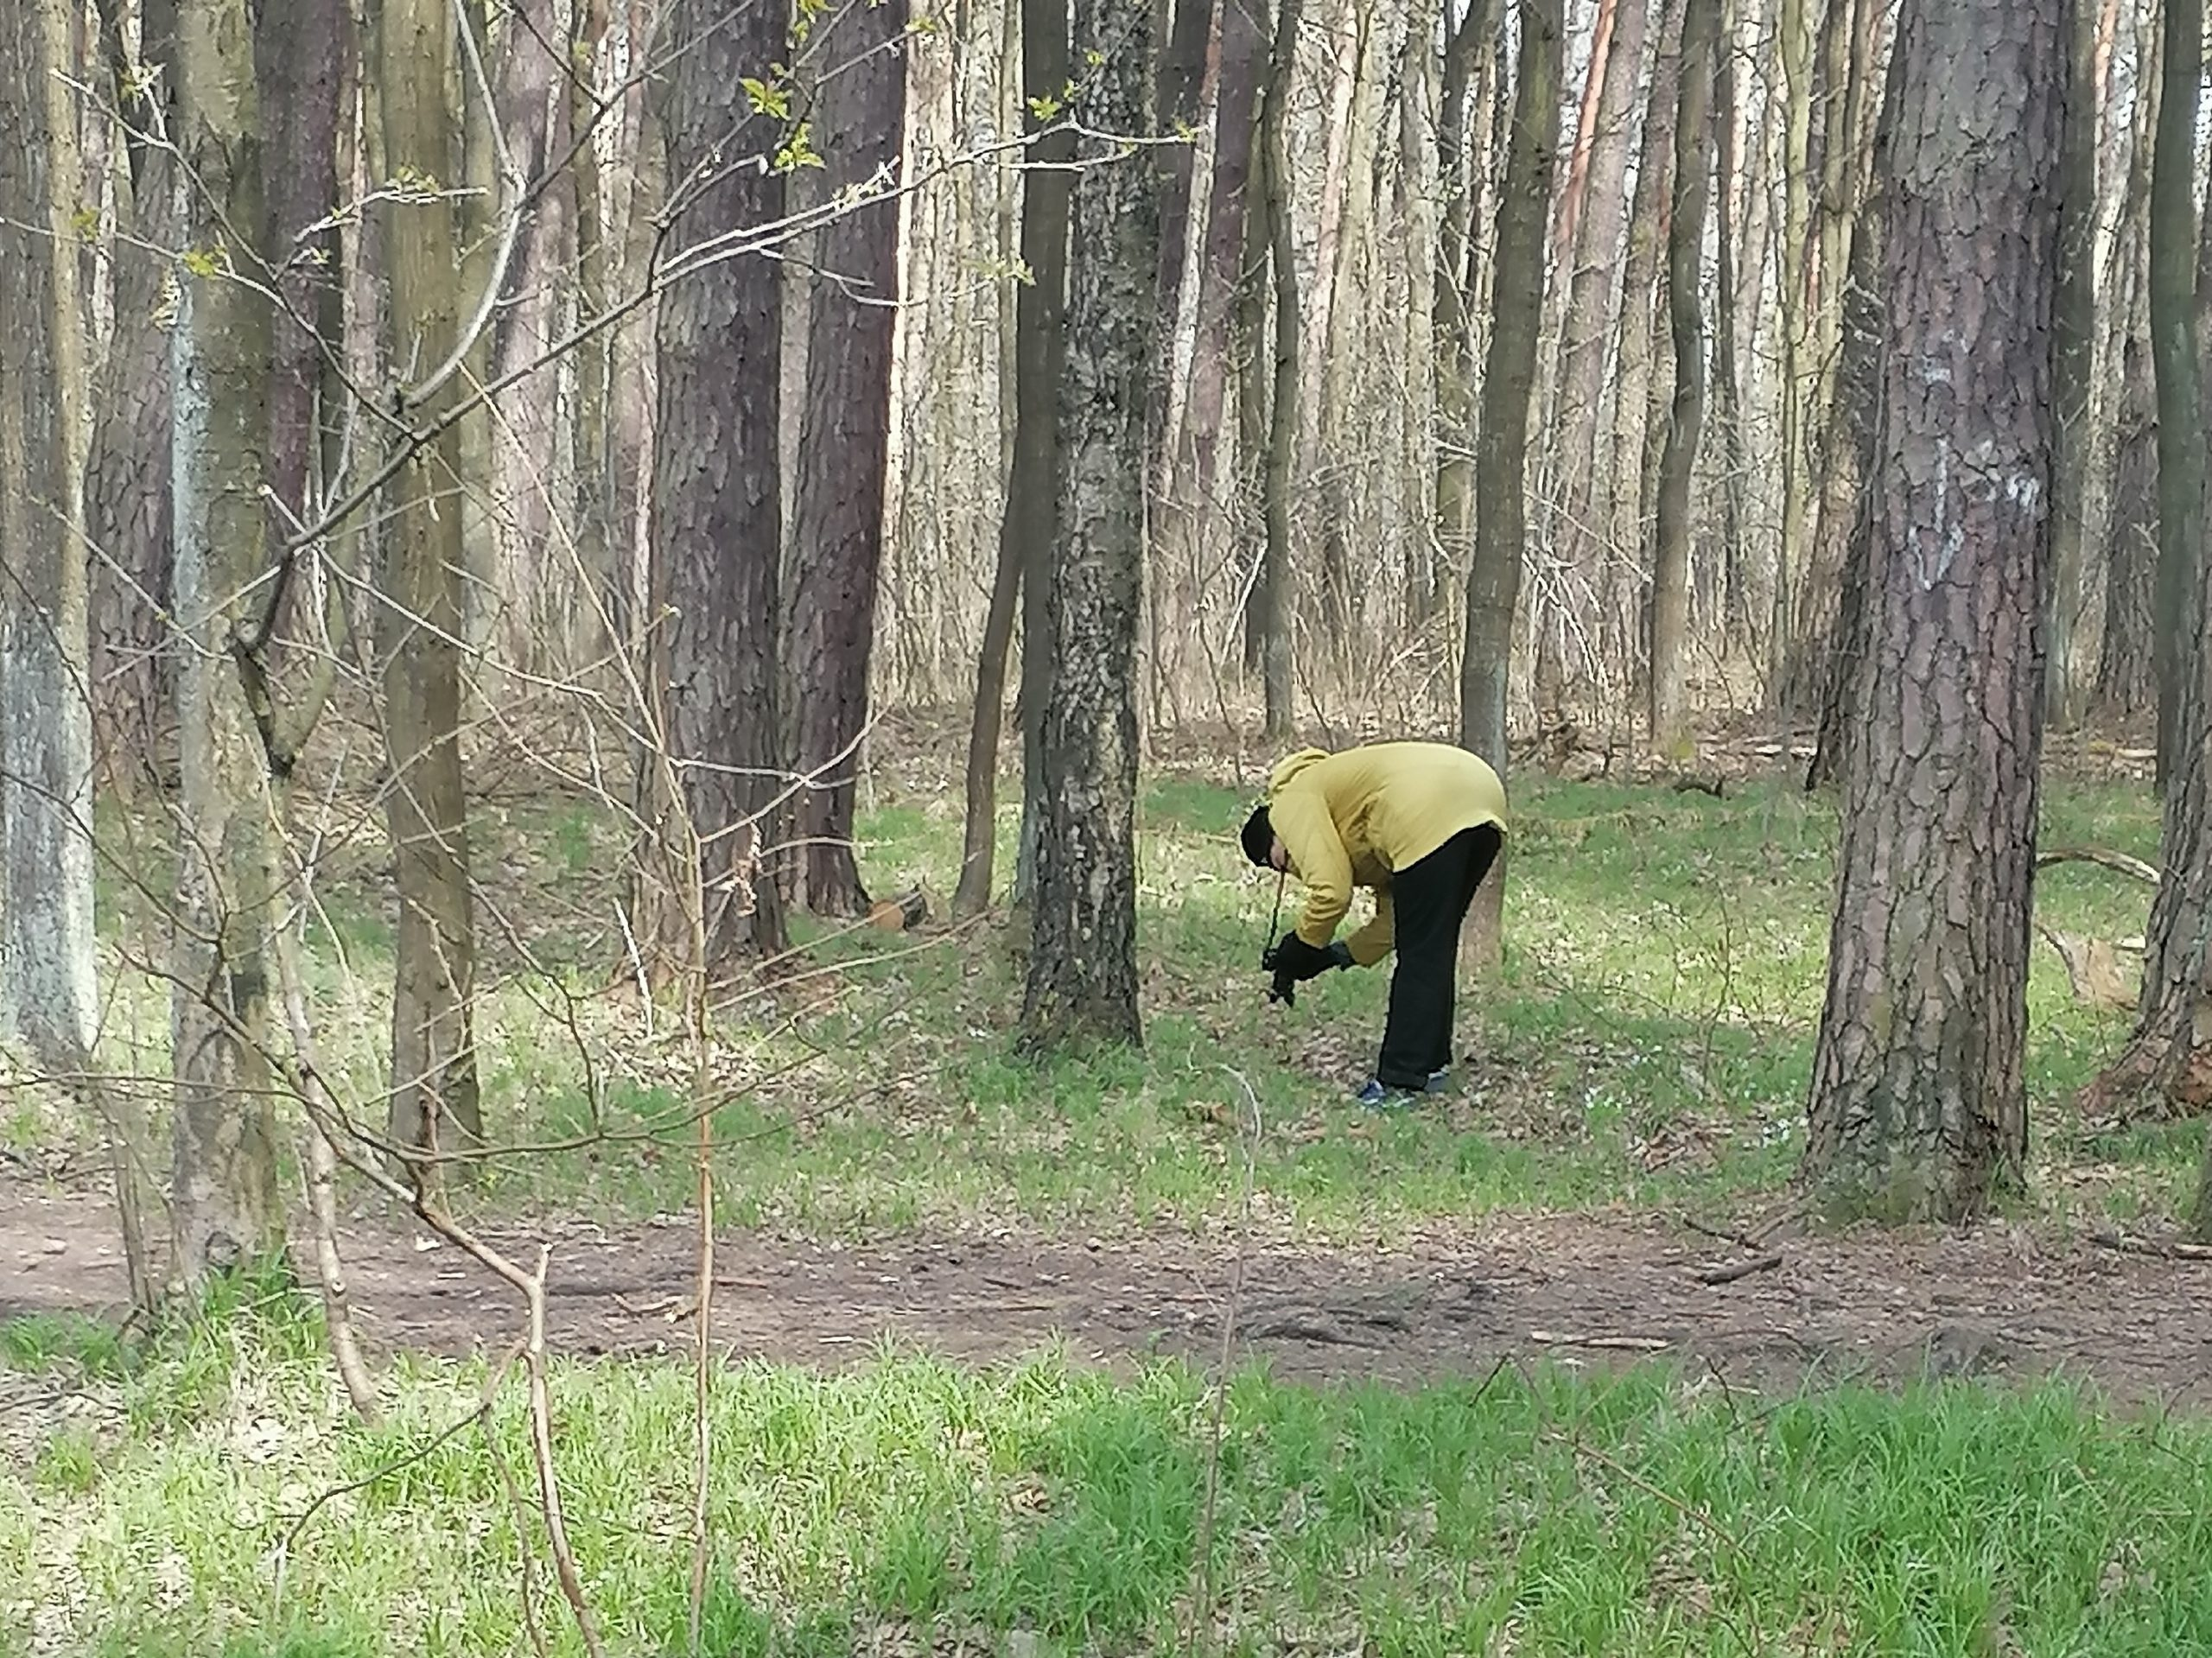 Plenerowe warsztaty fotograficzne Klub Seniora Platyna - zdjęcie pokazuje las i uczestników fotografujących na leśnej polanie.